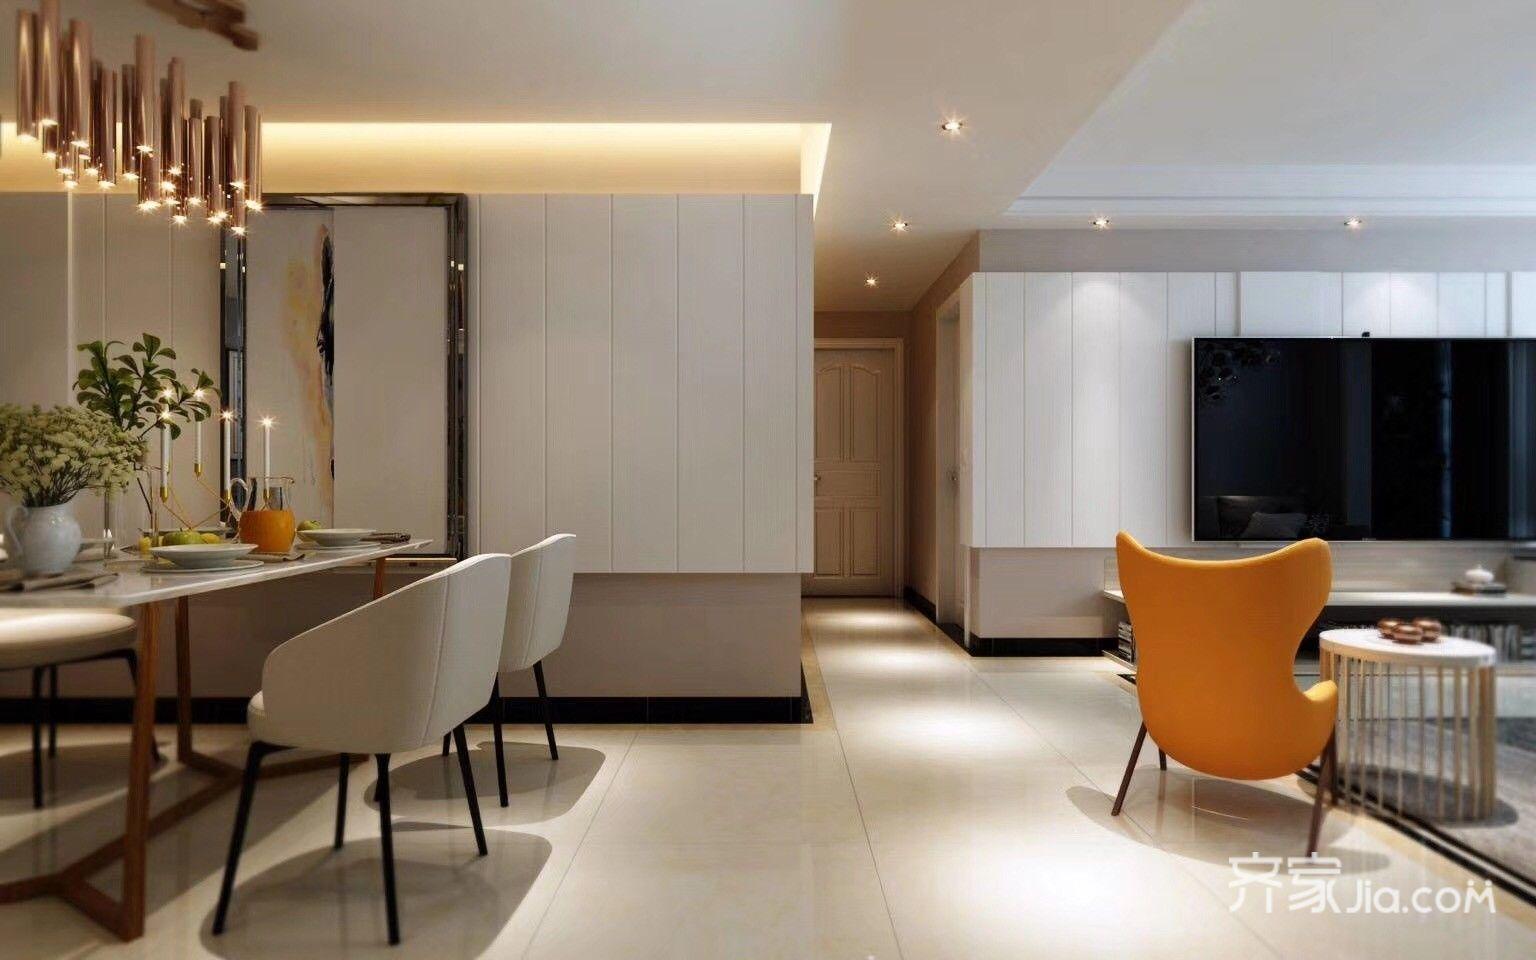 简约北欧风三居室餐厅背景墙装修效果图